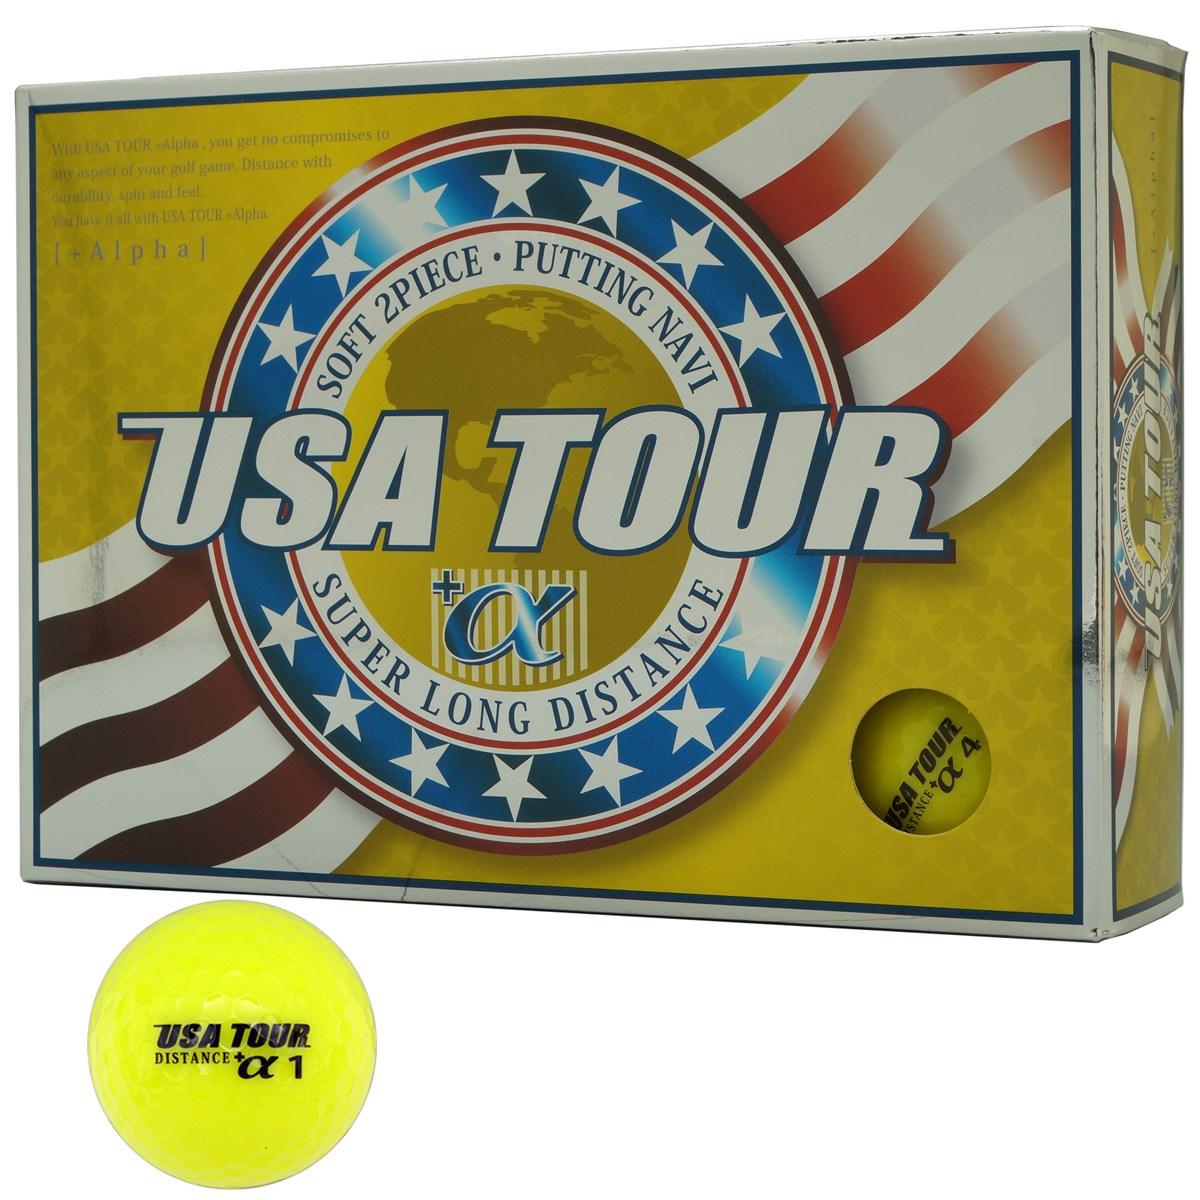 朝日ゴルフ用品(ASAHI GOLF CO.,LTD) USA ツアーディスタンス+α カラーボール